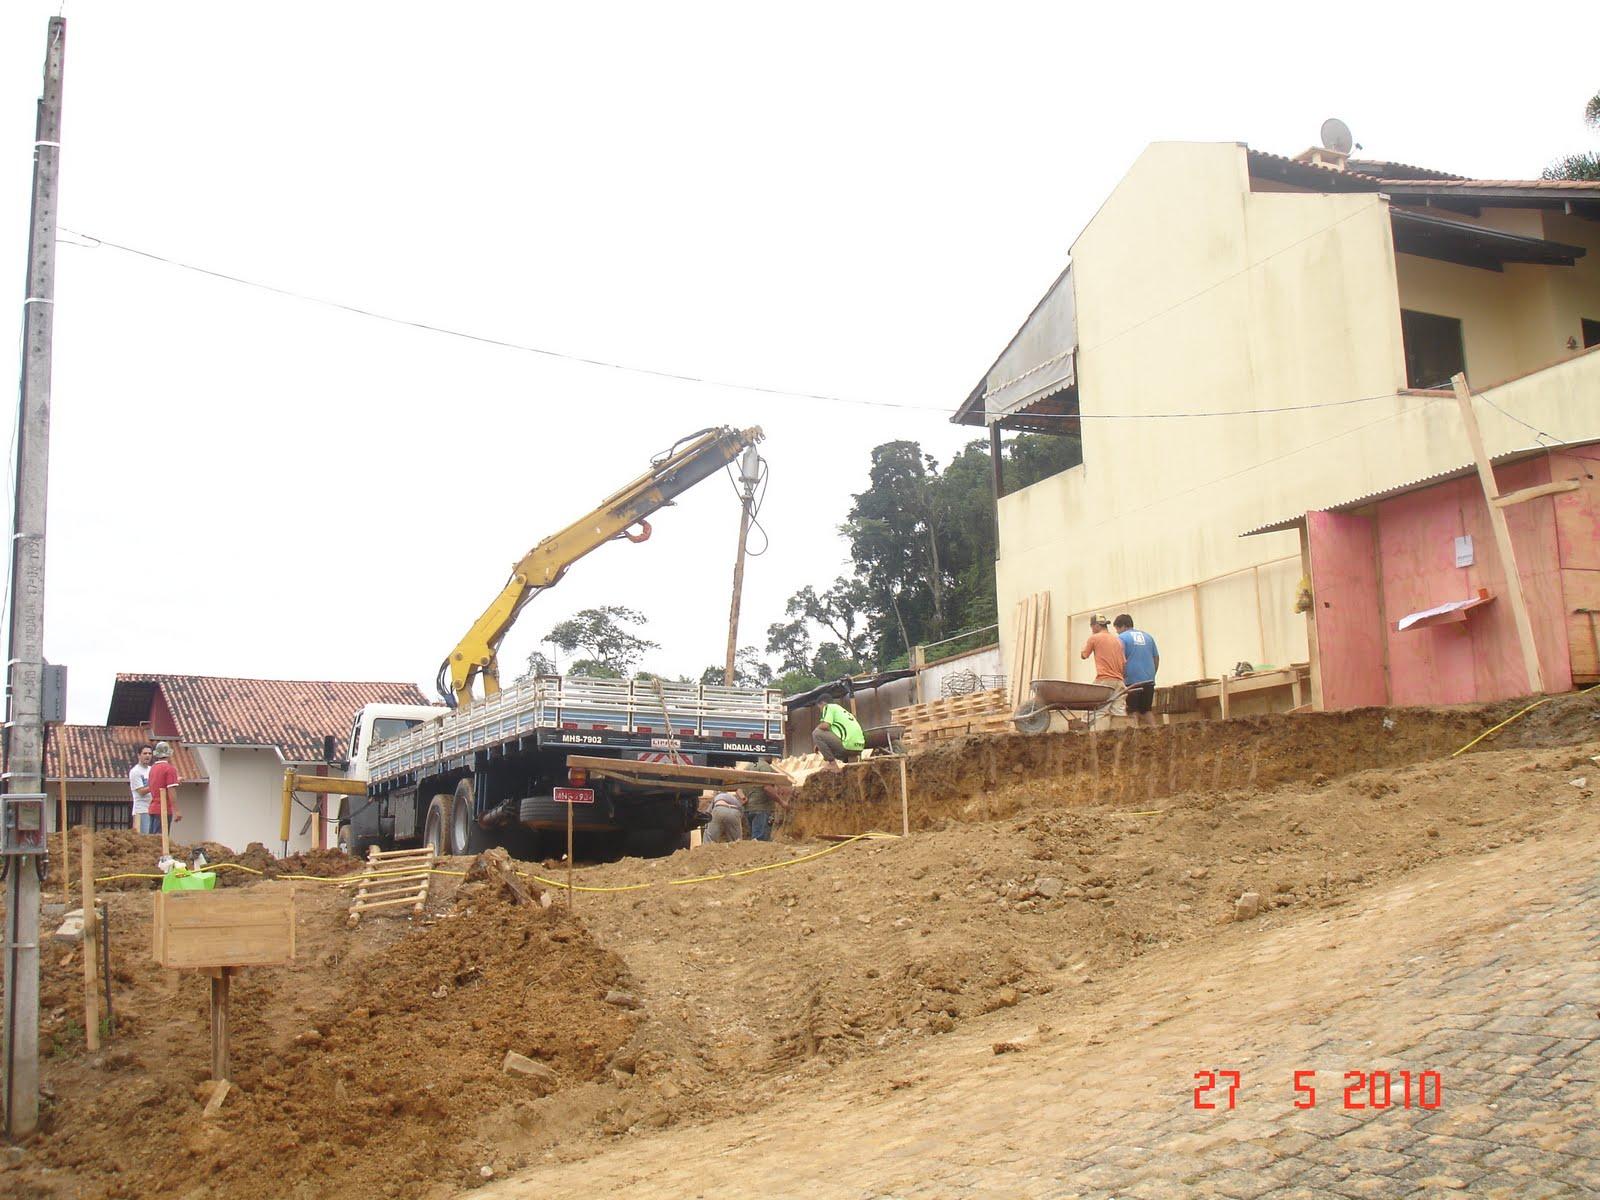 Nossa Casa no Site Construção da fundação ao acabamento: Fotos  #B22A19 1600 1200